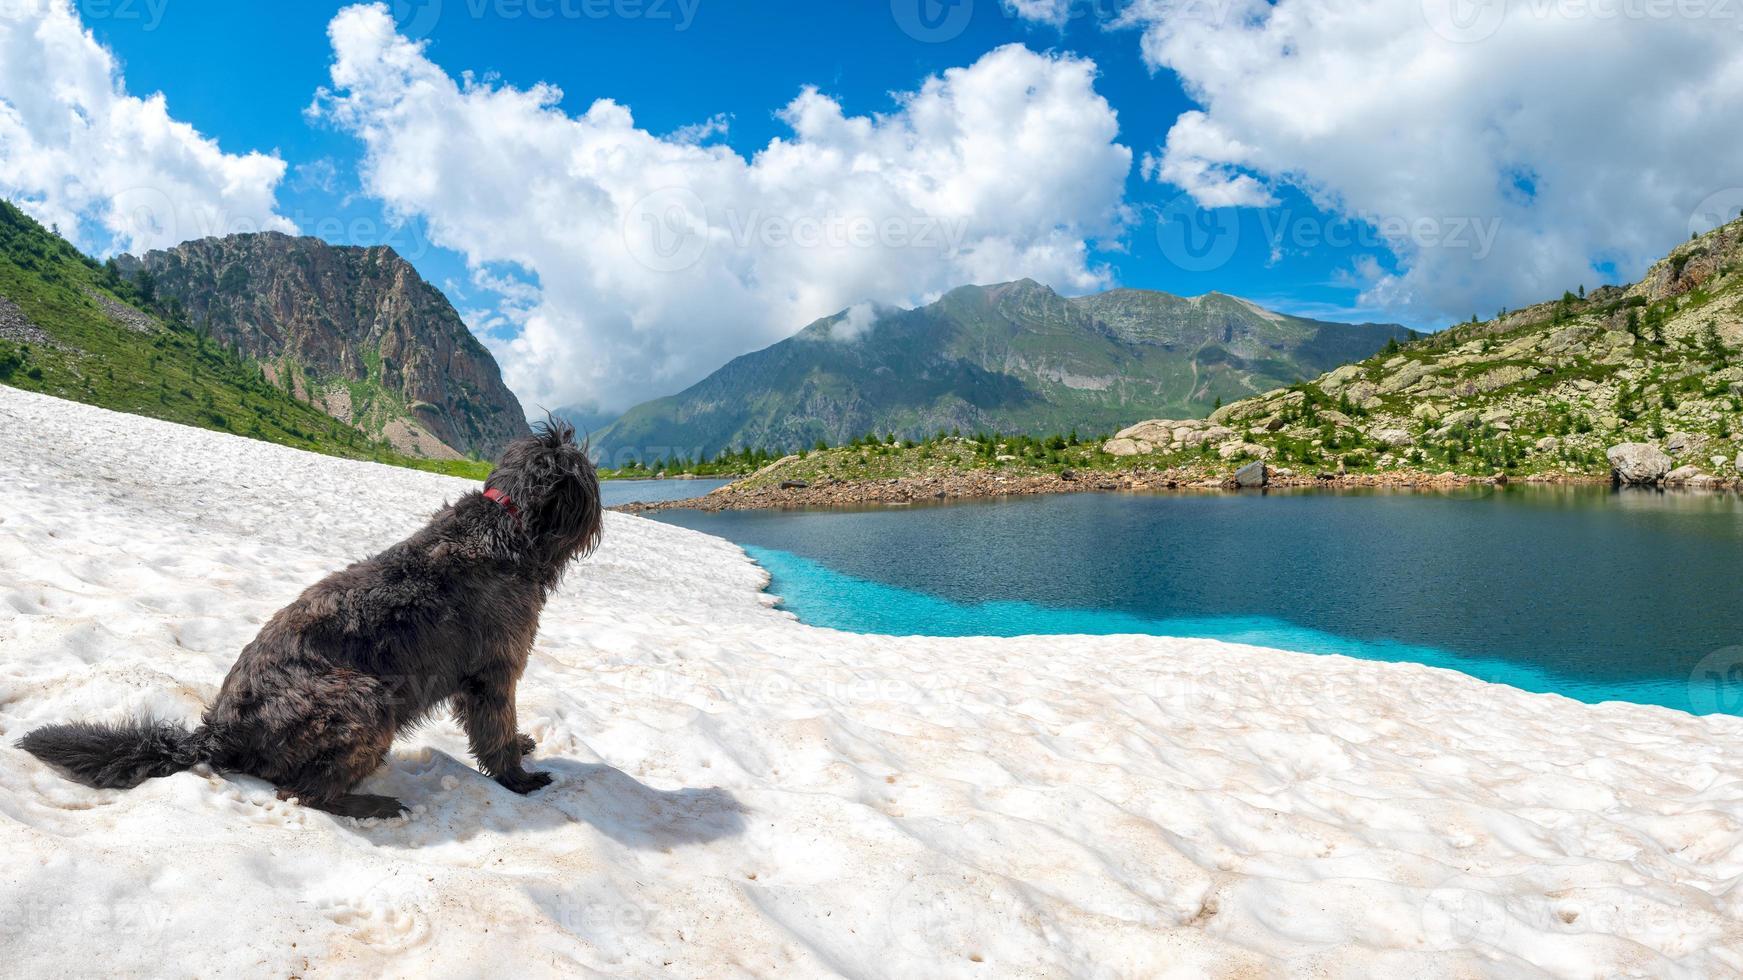 chien de berger sur la neige près du lac de montagne photo